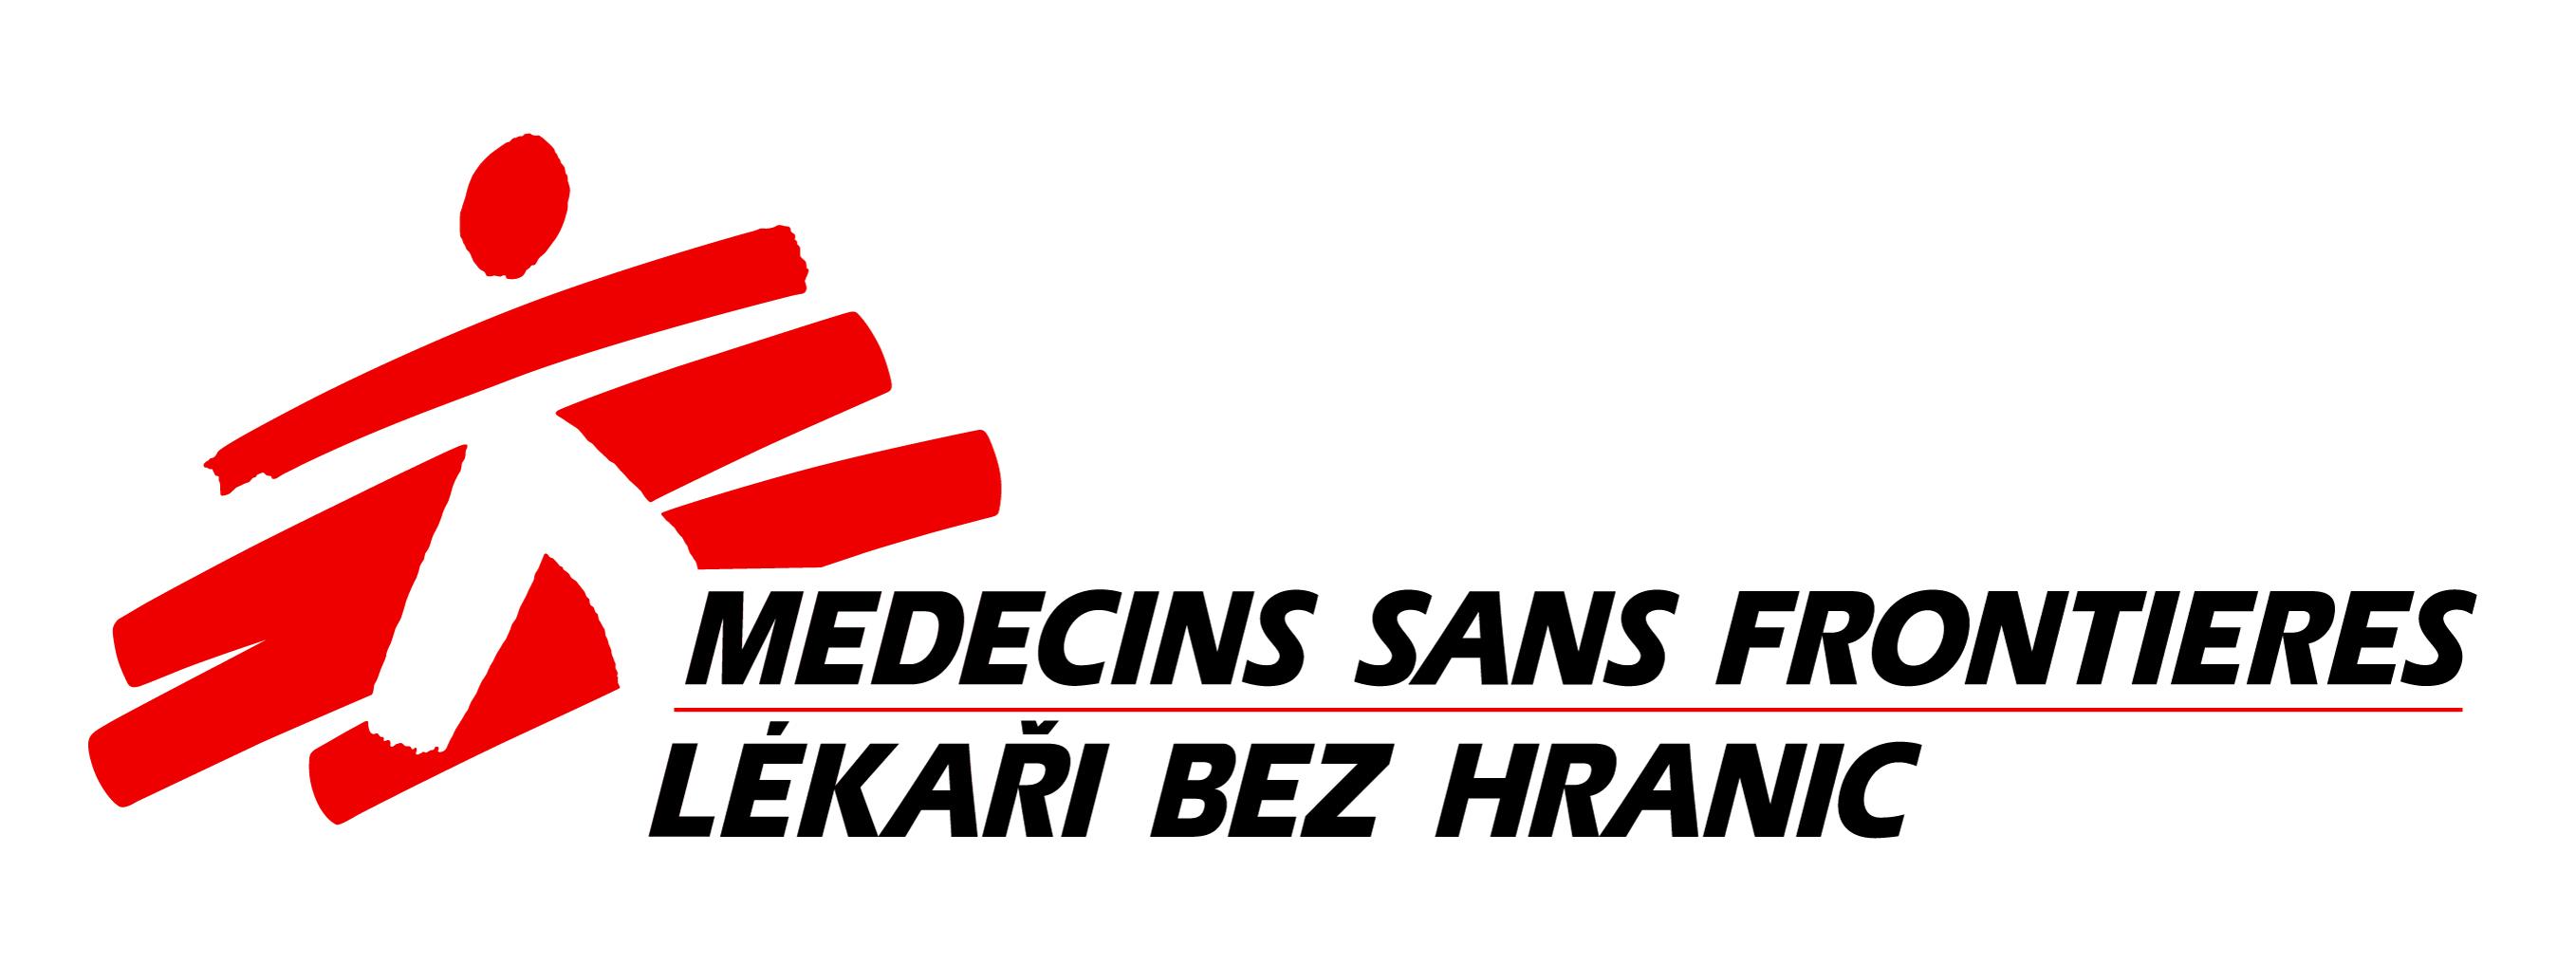 Lékaři bez hranic - Médecins Sans Frontières in Czech Republic, o.p.s.